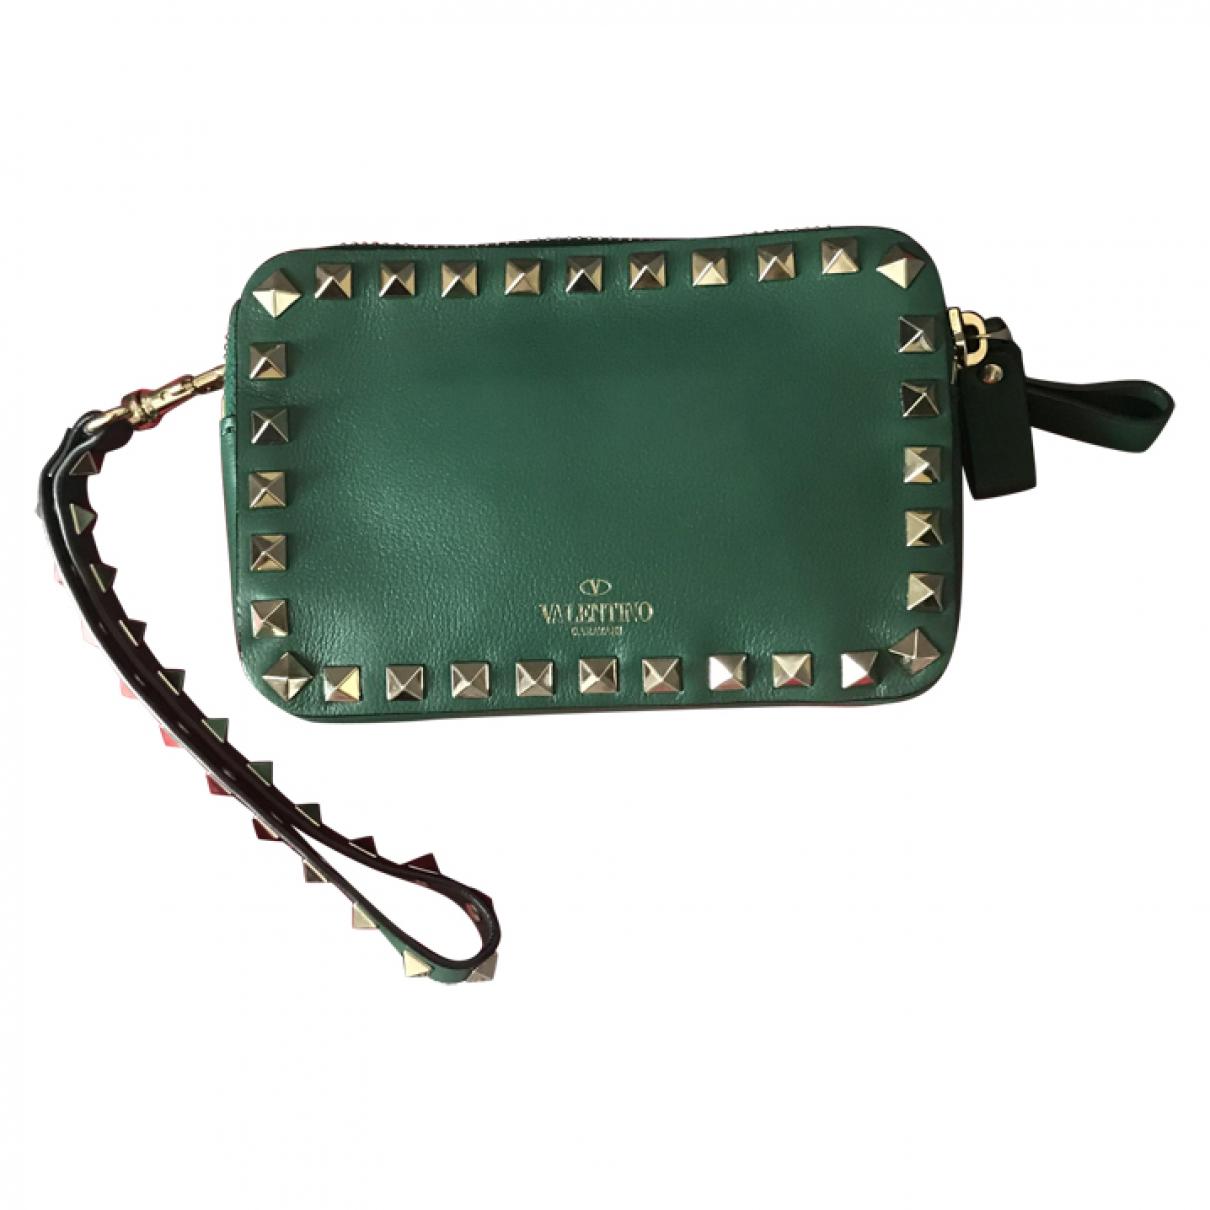 Valentino Garavani Rockstud Handtasche in  Gruen Leder